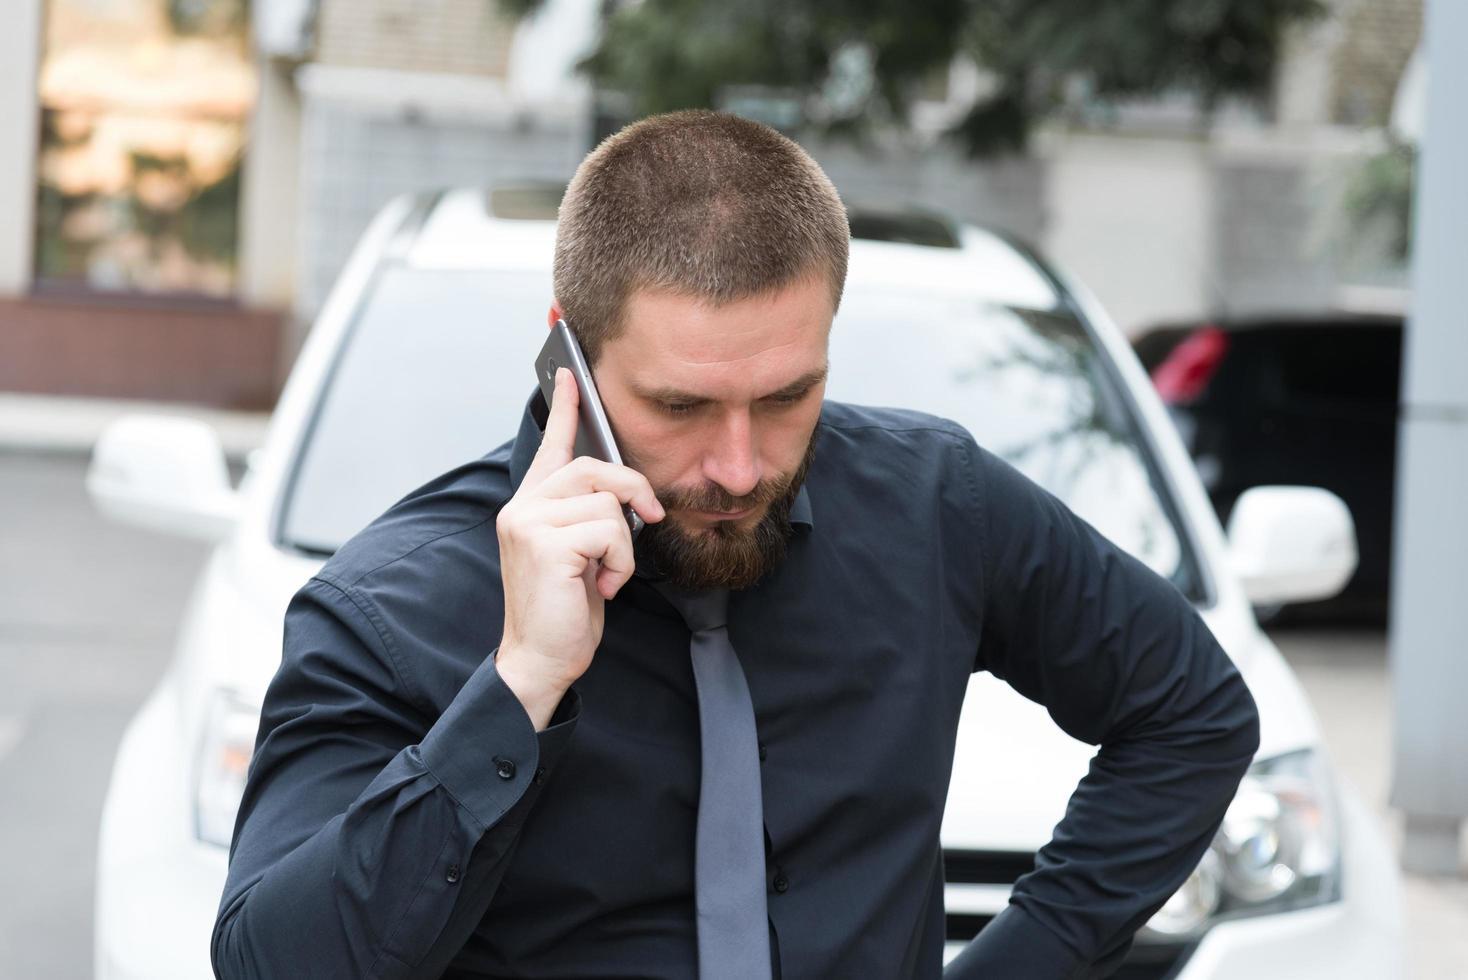 homme parlant au téléphone près d'une voiture photo